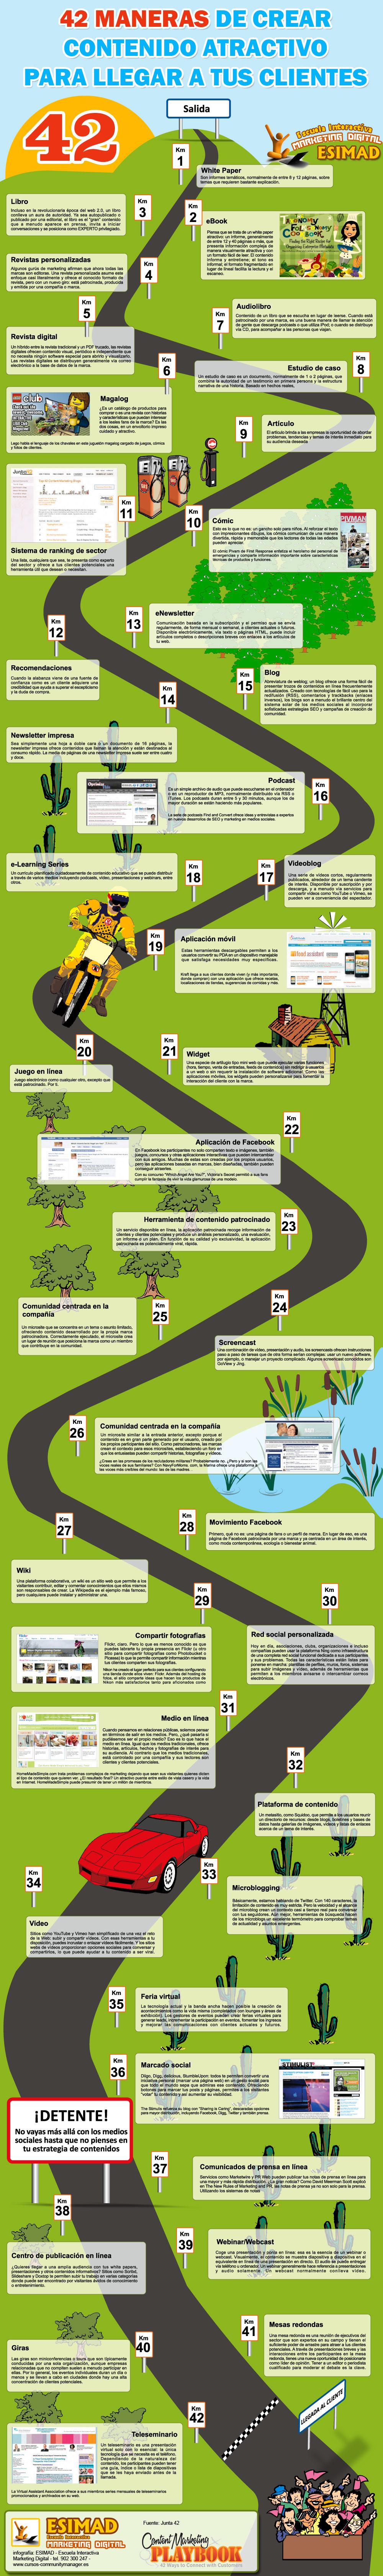 contenidos atractivos para aprender en redes sociales